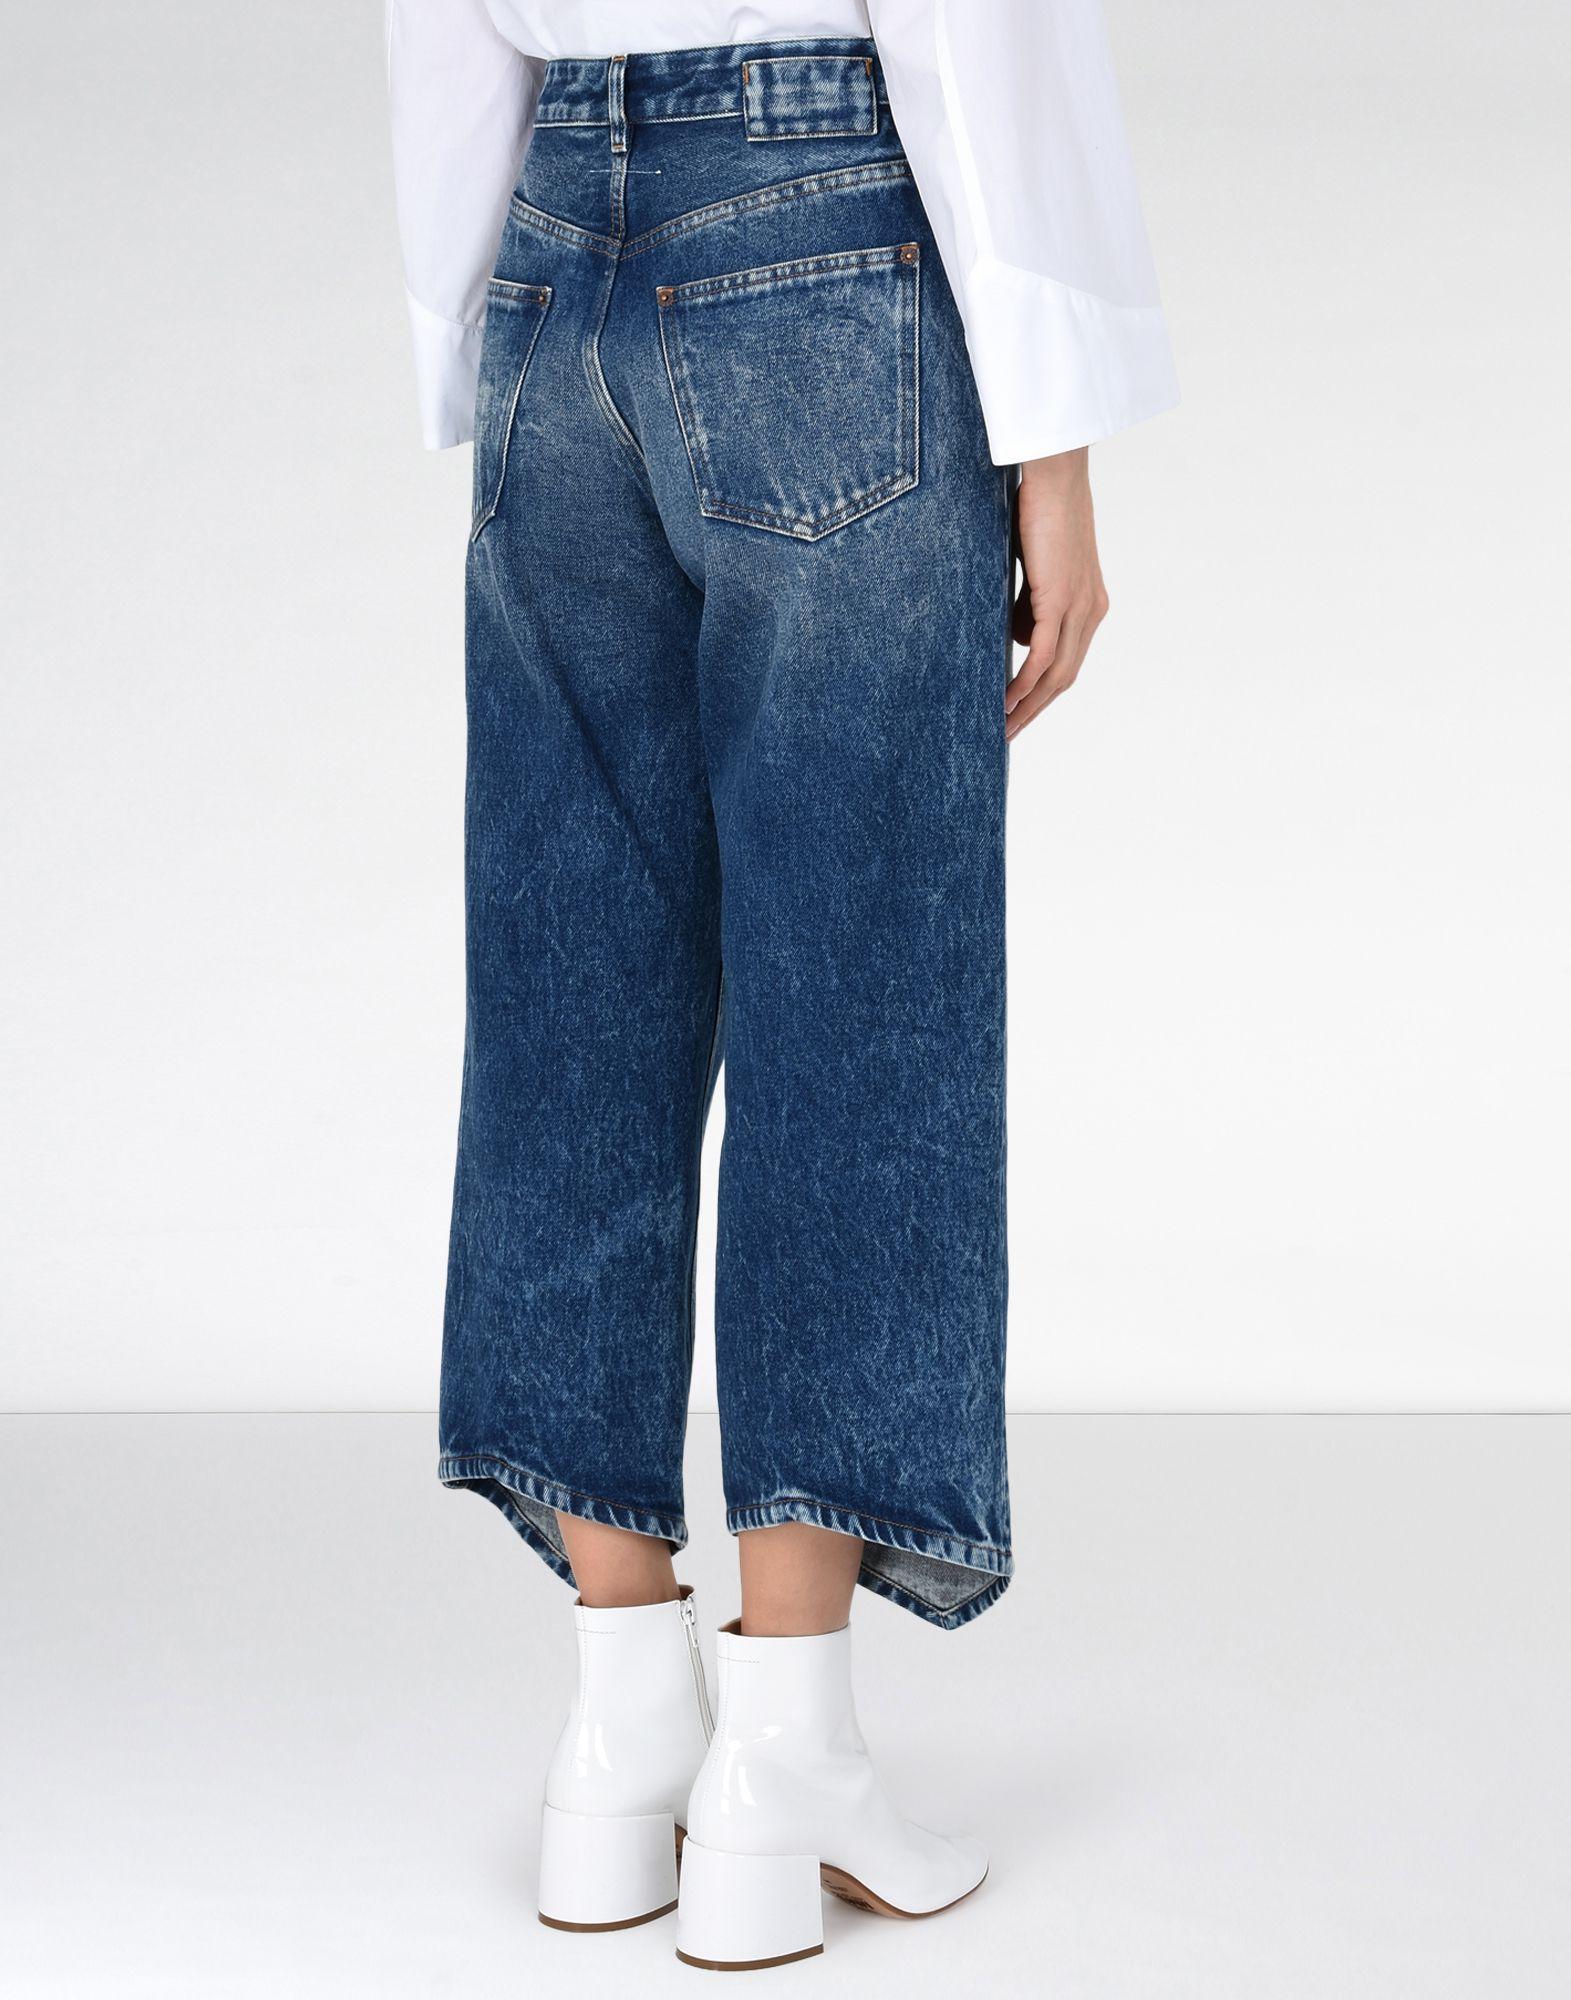 MM6 MAISON MARGIELA Diamond-cut jeans Jeans Woman d